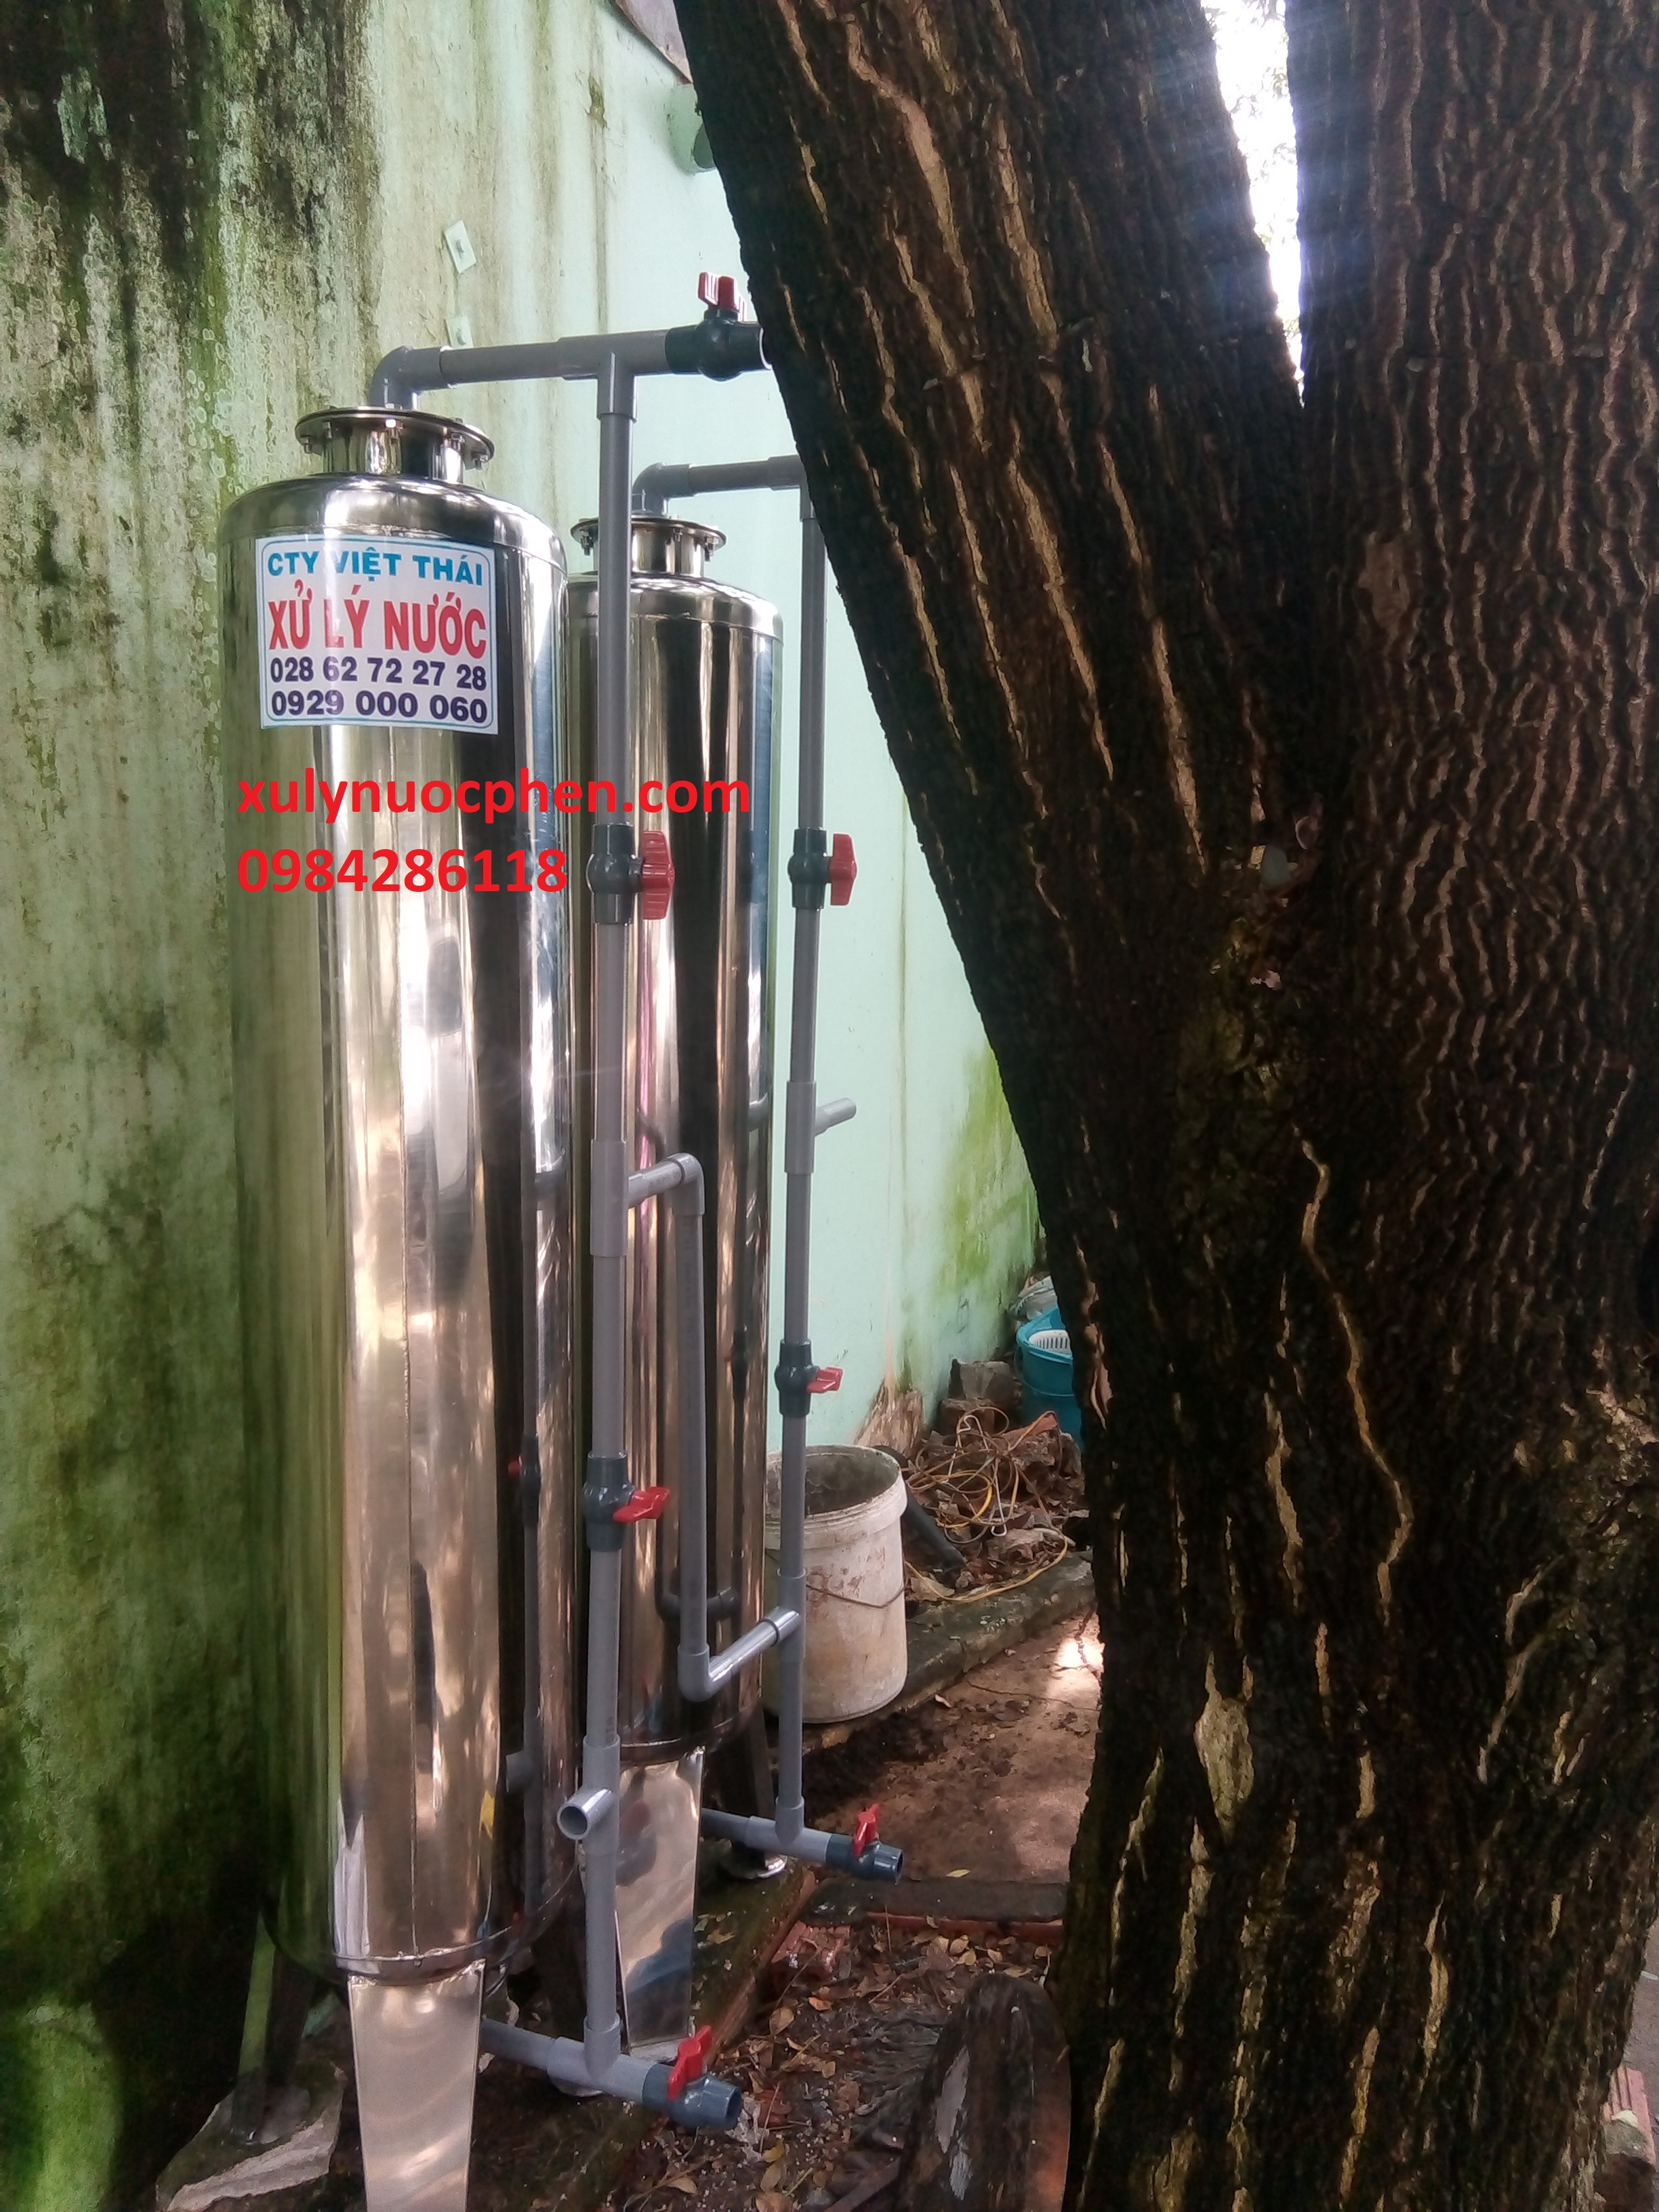 phương pháp xử lý nước tại trường học Nguyễn Bỉnh Khiêm Nhơn Trạch Đồng Nai